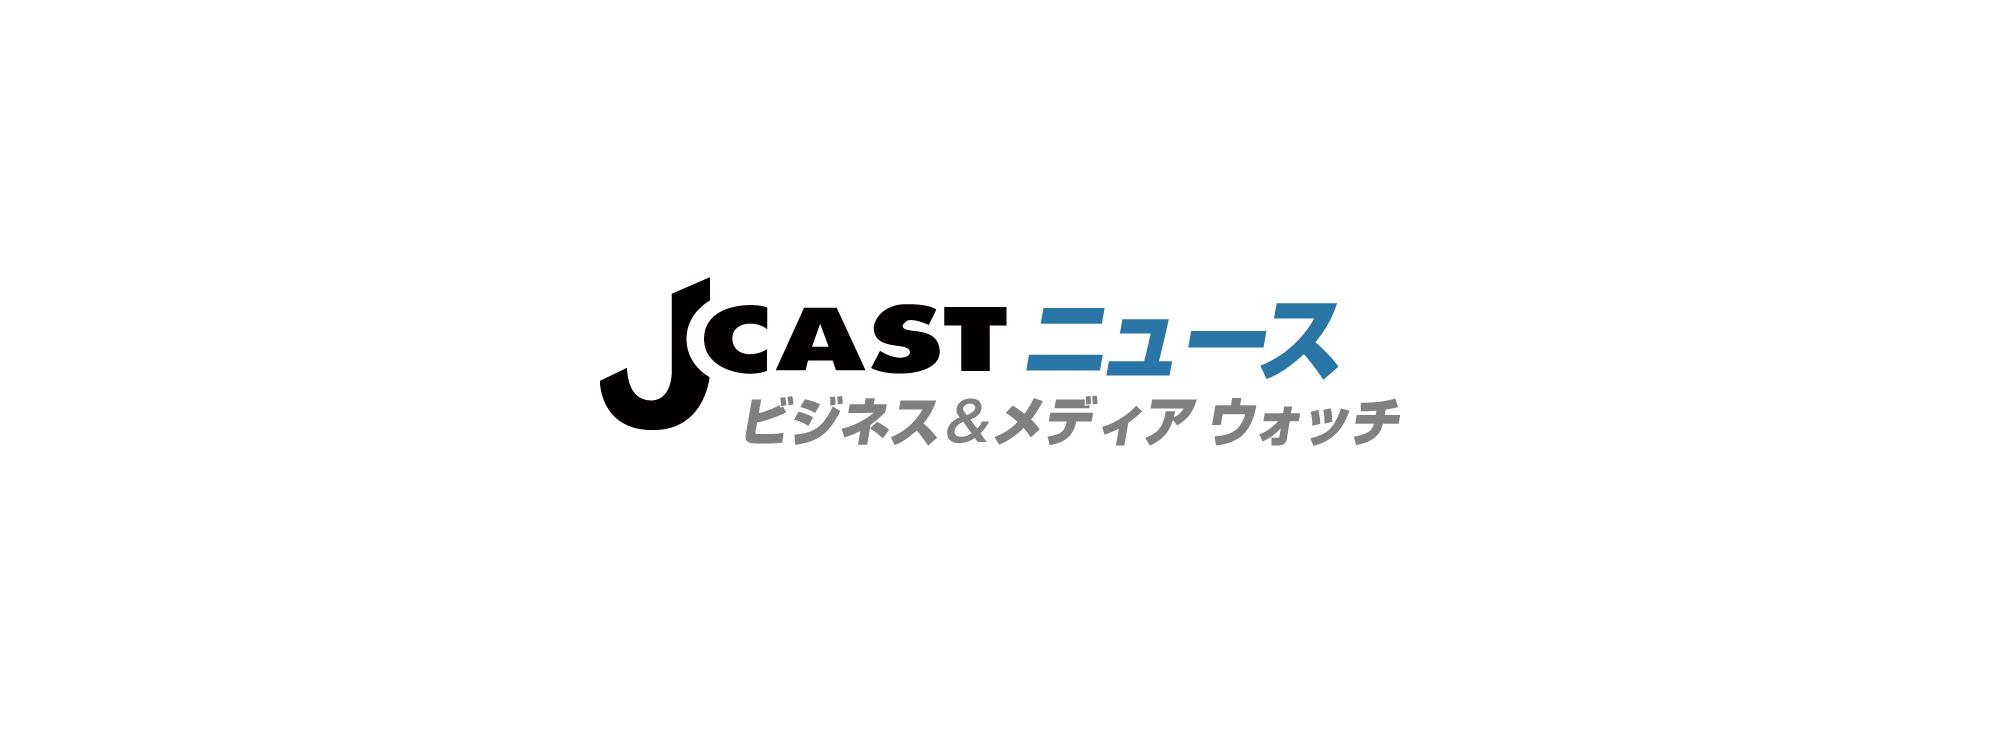 和田アキ子、2020東京五輪の開会式出演に意欲 : J-CASTニュース